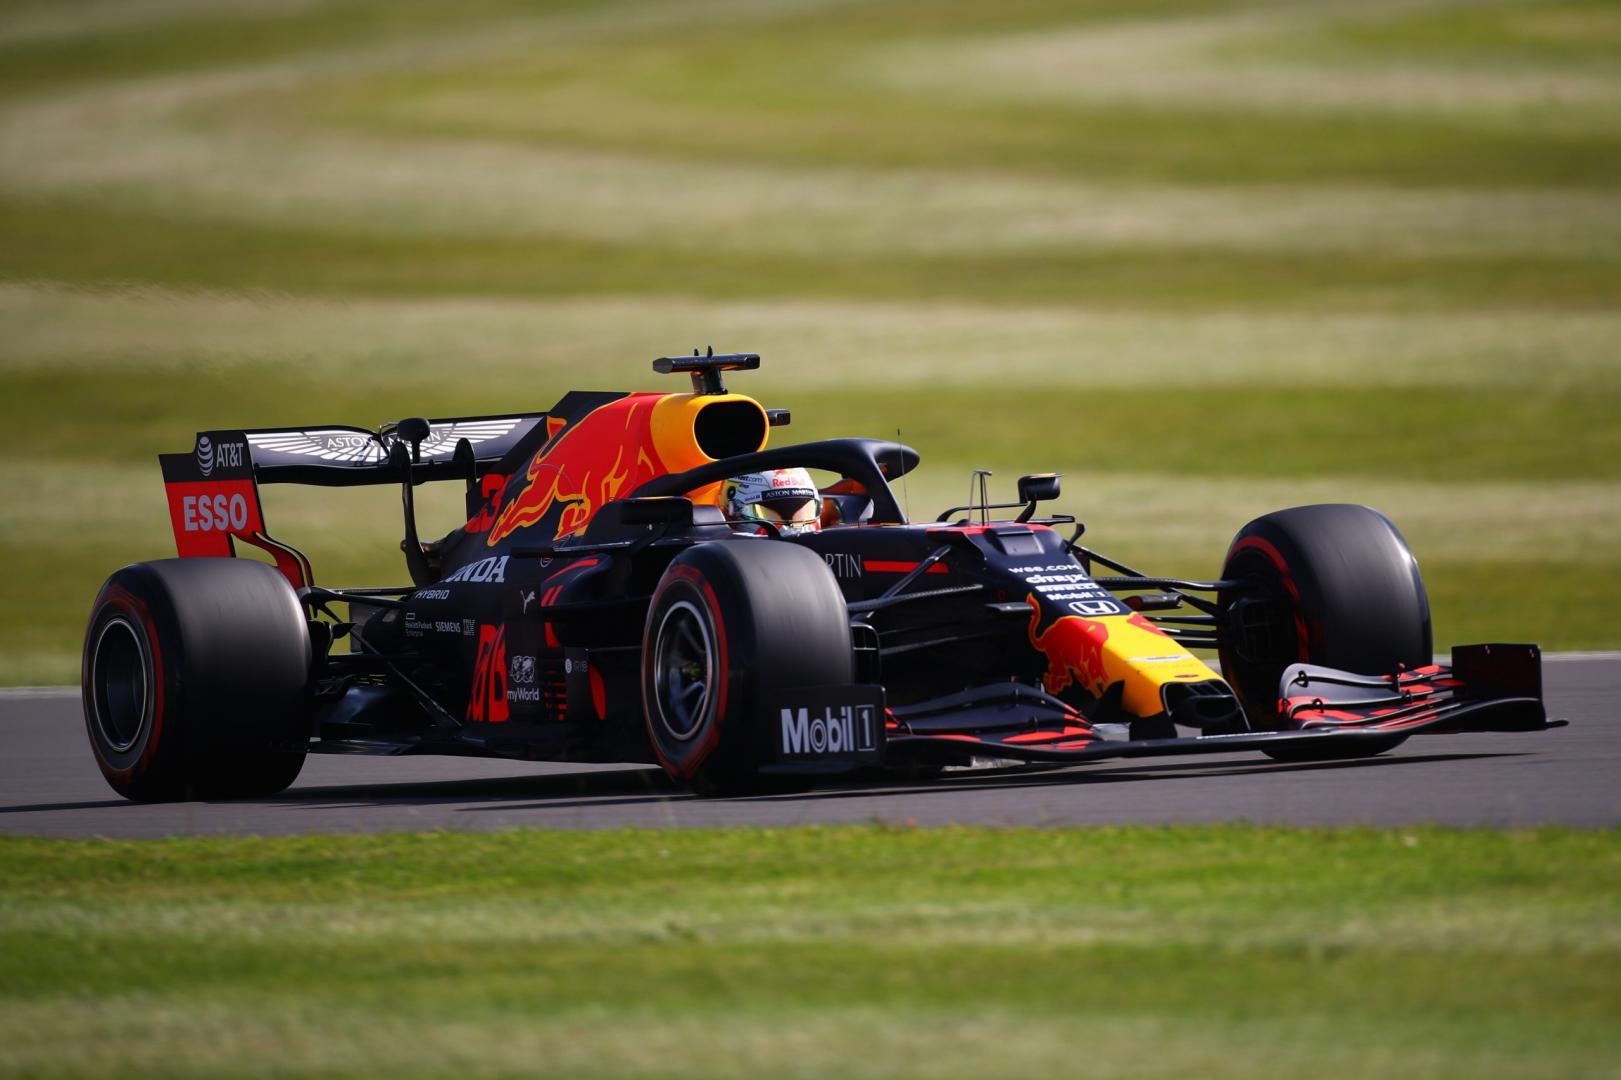 3e vrije training van de GP van Groot-Brittannië 2020